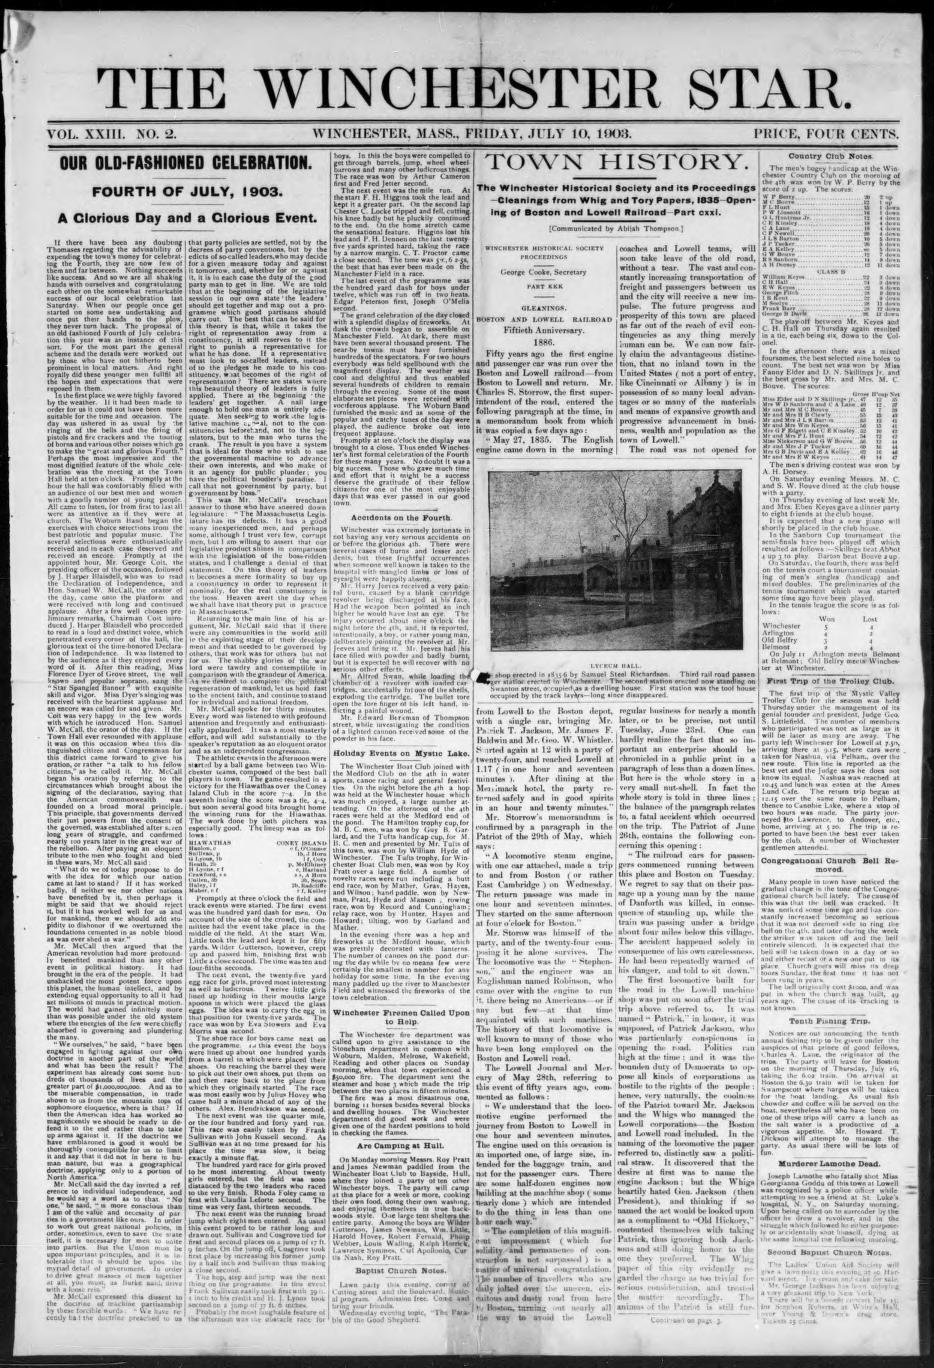 Daily Missouri Republican (Saint Louis, Mo.), 1854 03 03